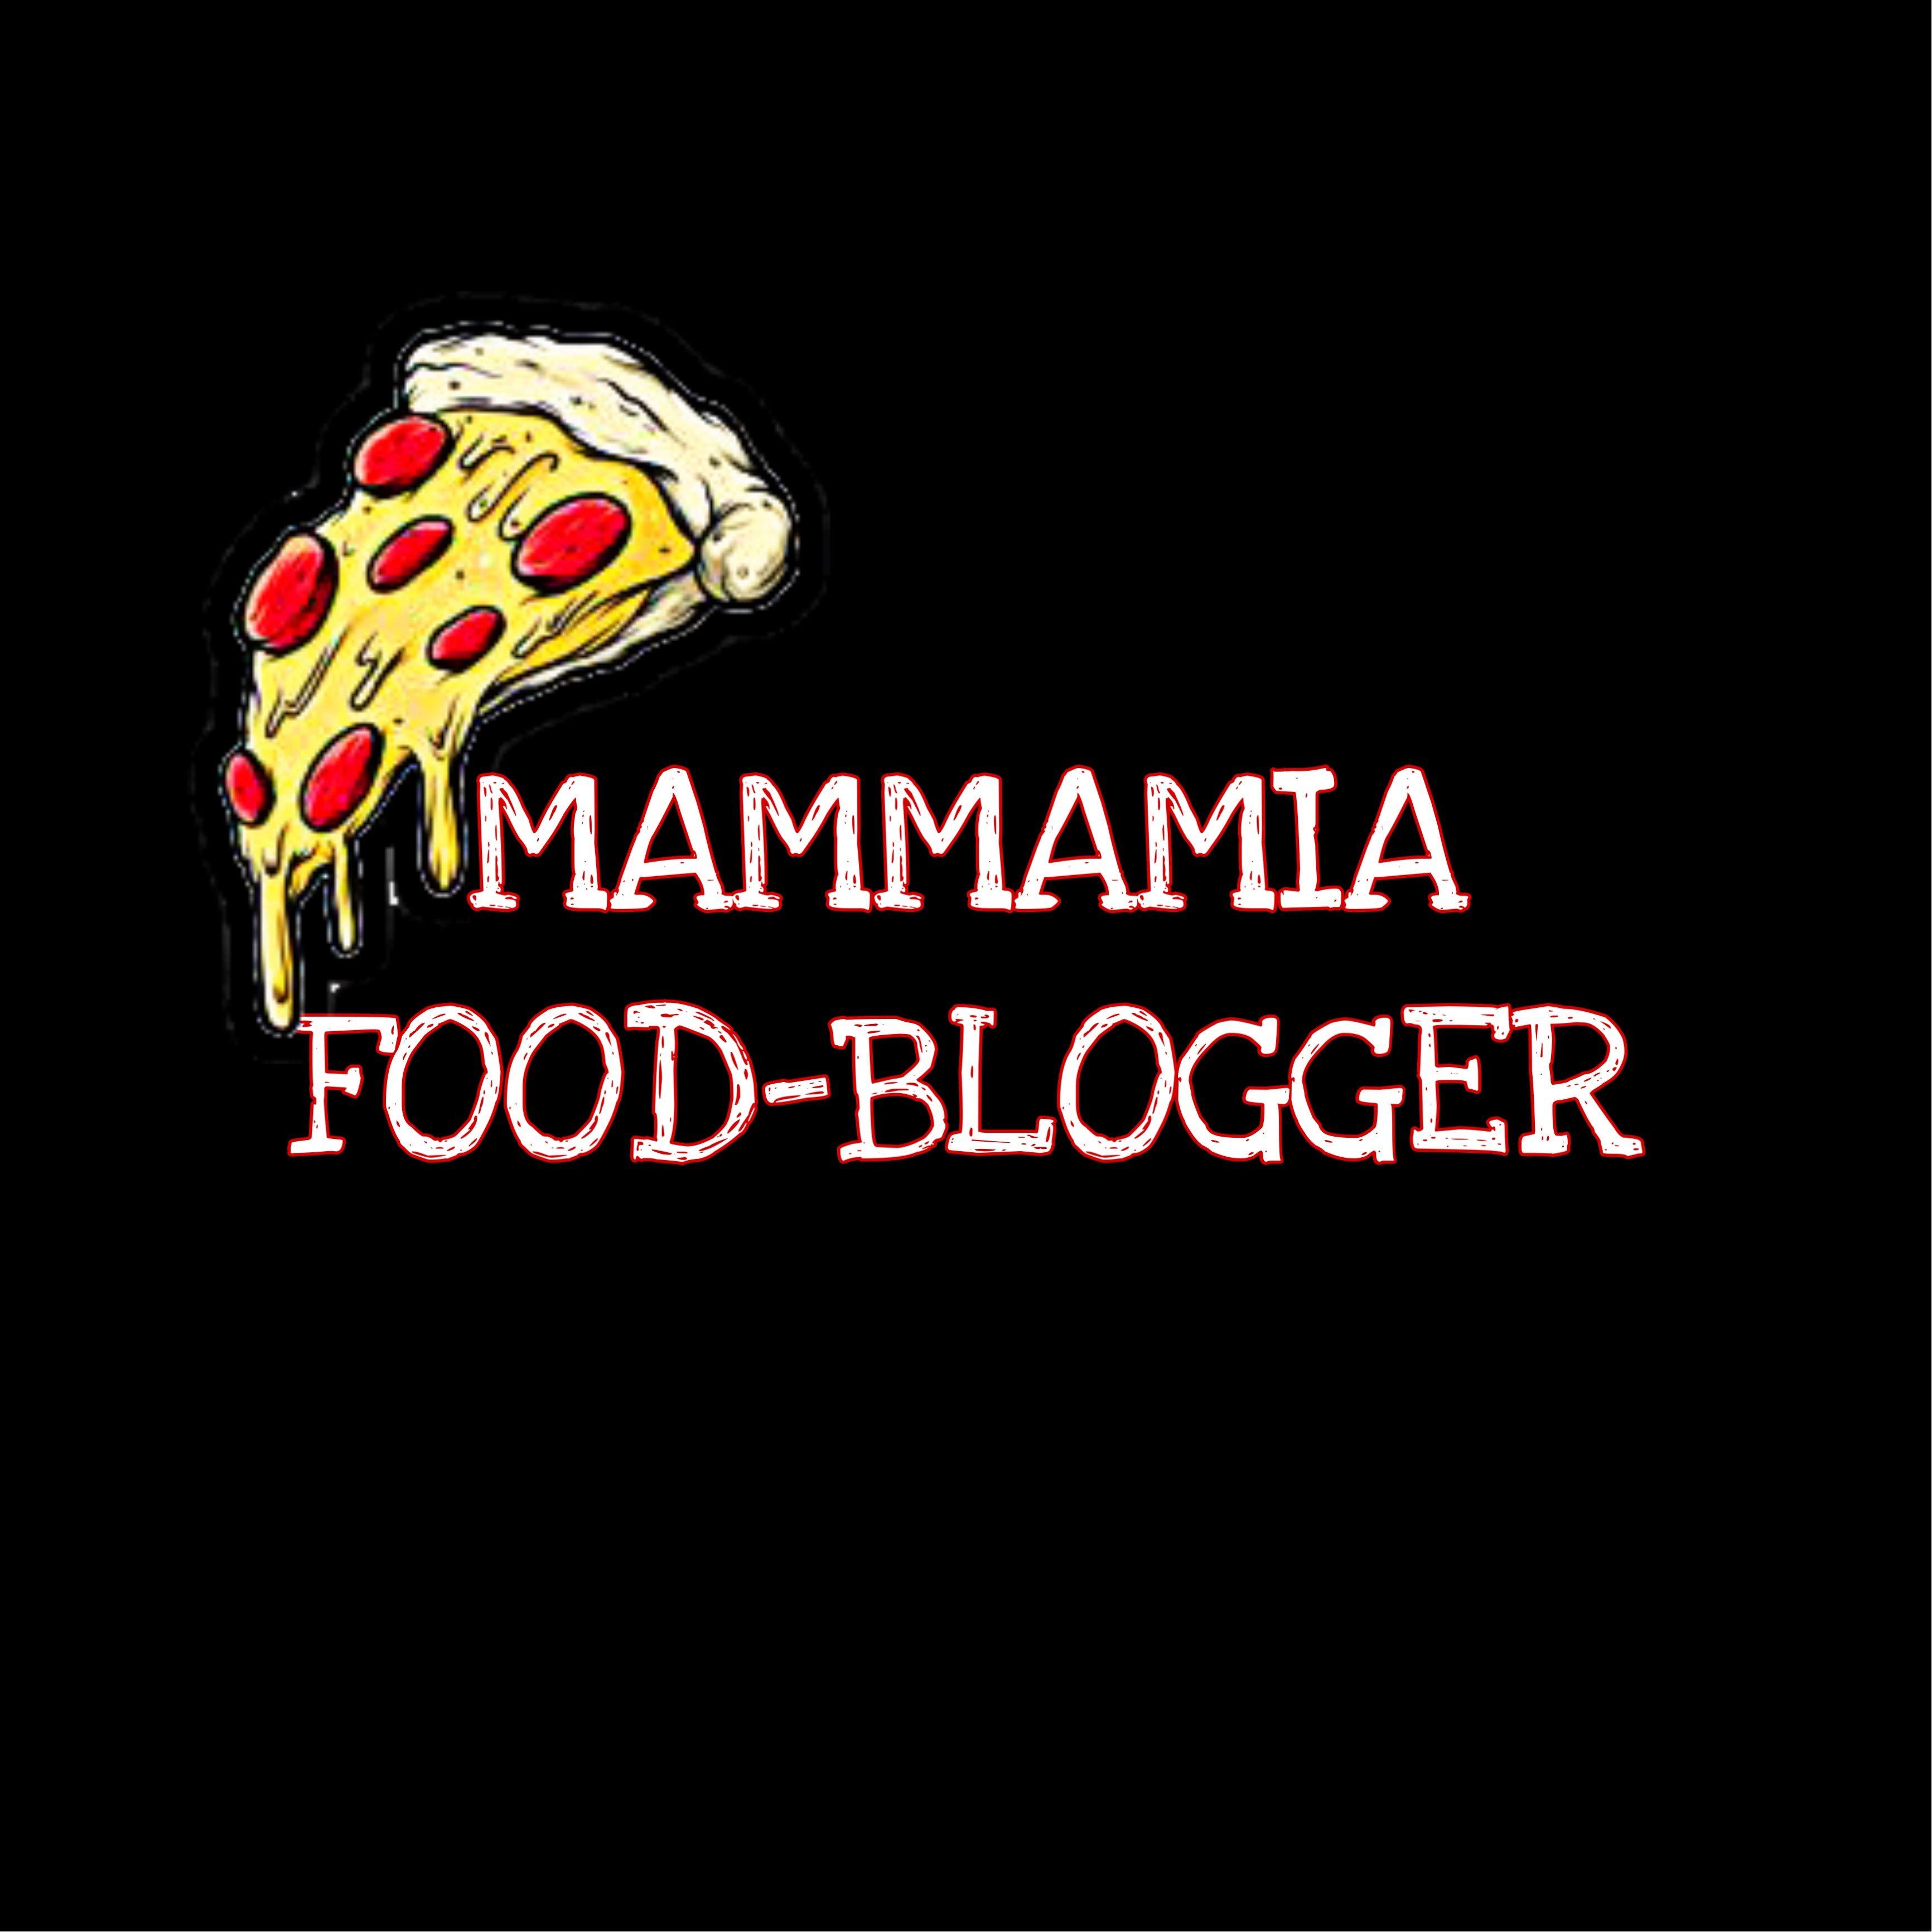 Mammmamia Rosaria